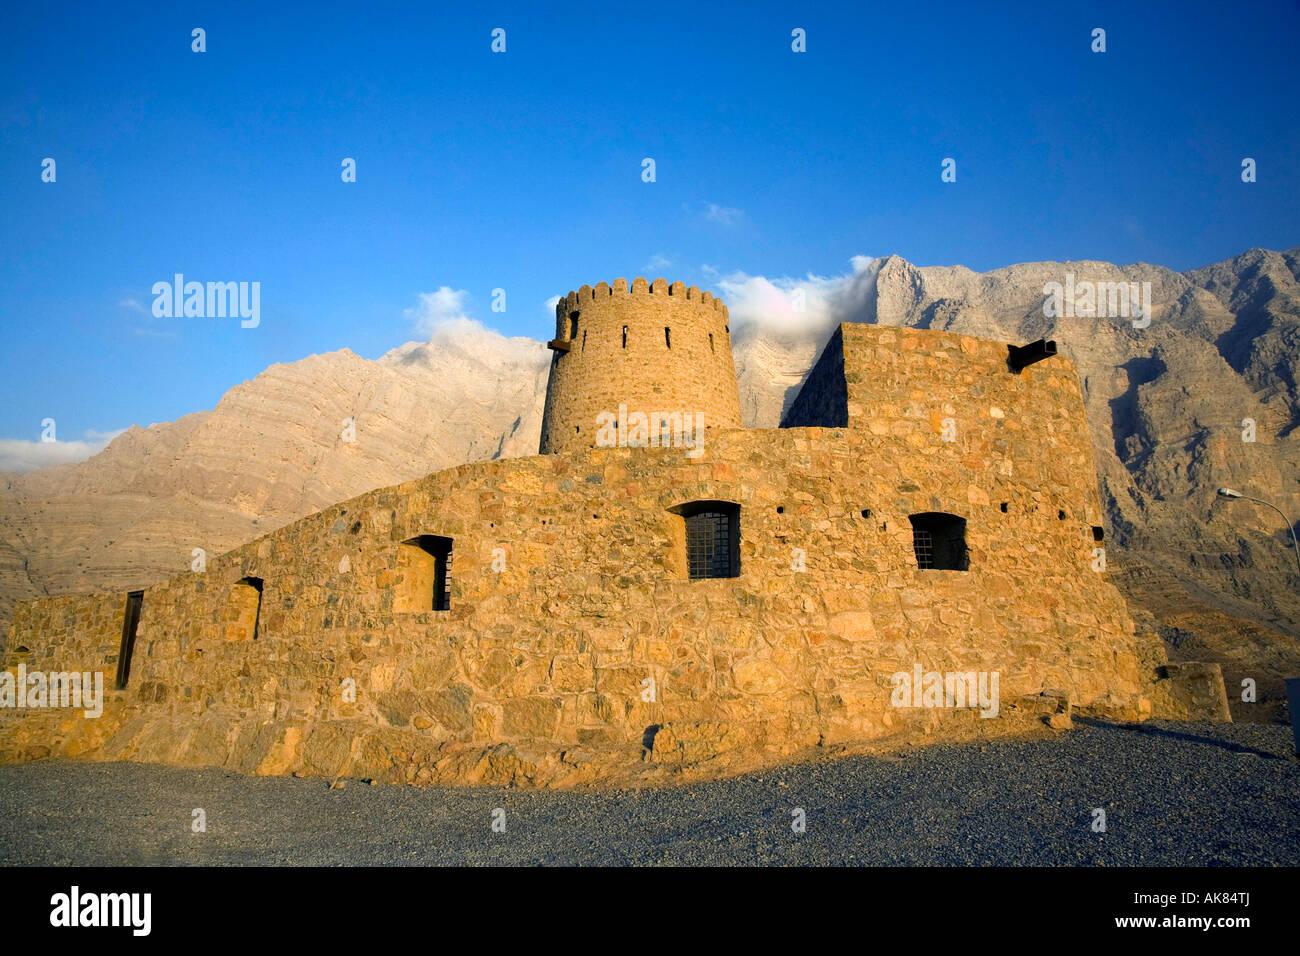 Bukha Fort - Oman Arabian Peninsula Stock Photo